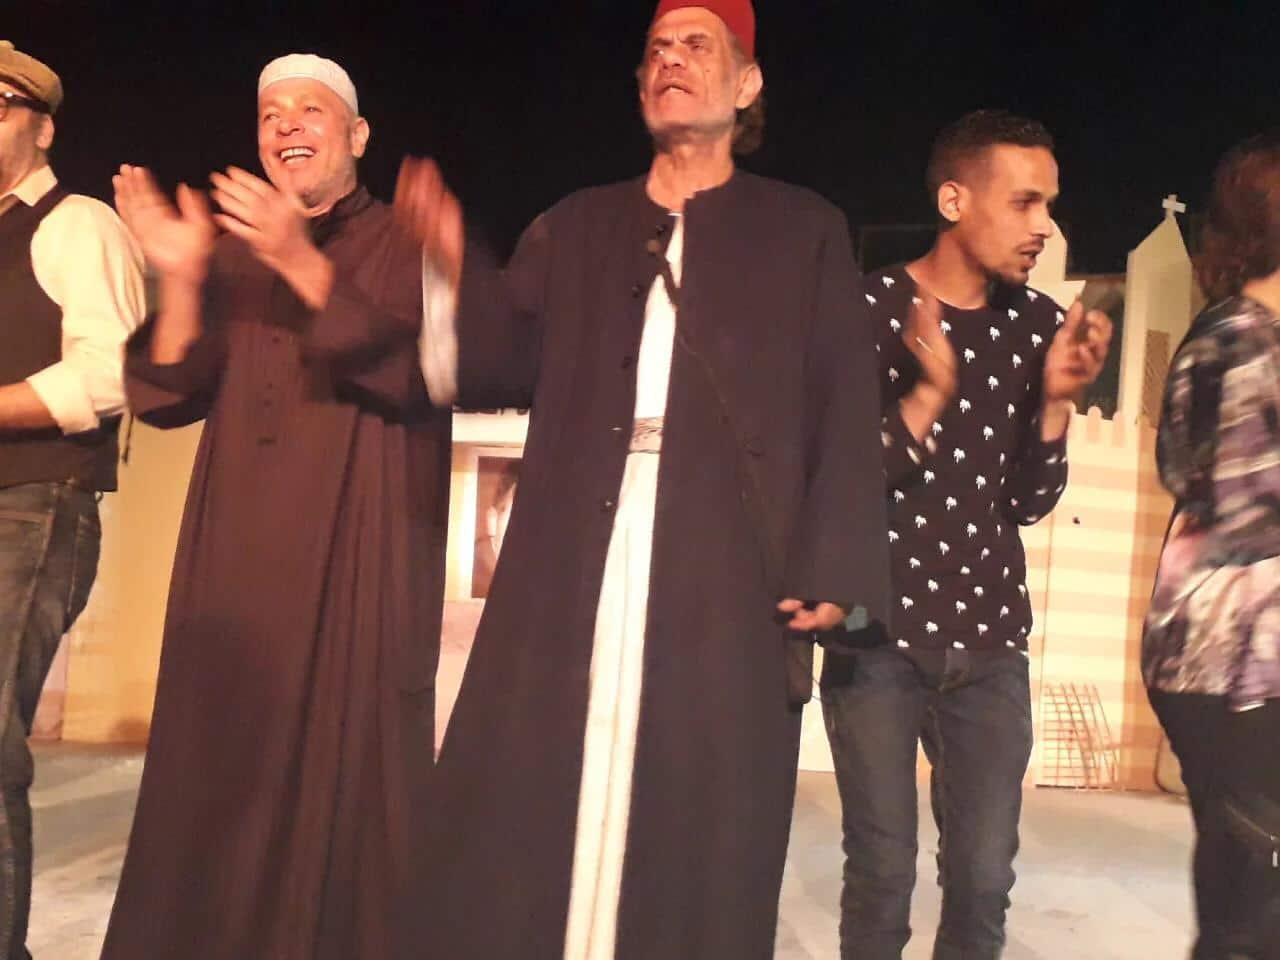 السامر المسرحية تدعو للحب والسلام